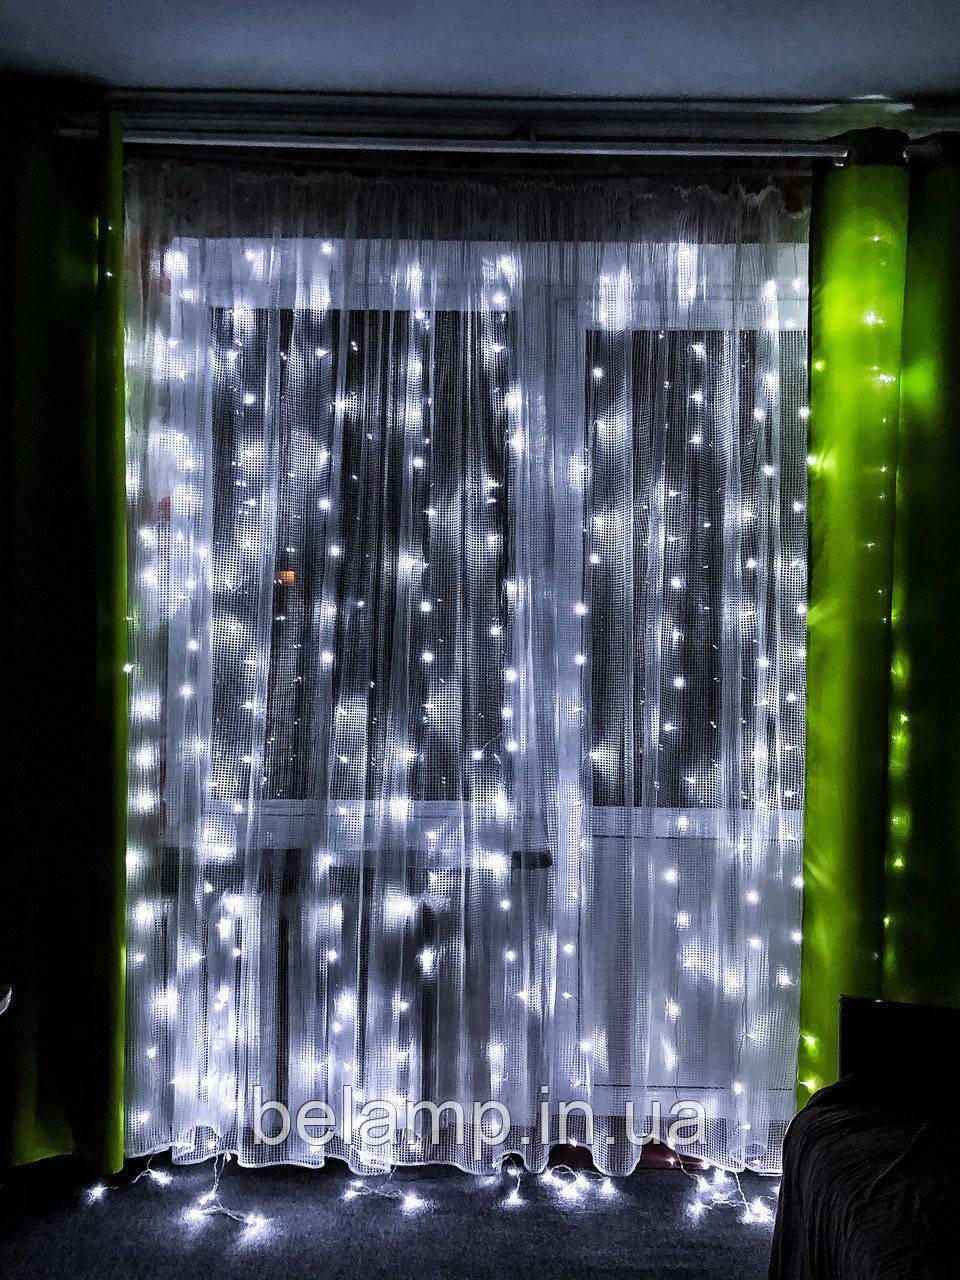 Новорічна гірлянда штора 3 м. на 3 м на вікно «Білосніжна»